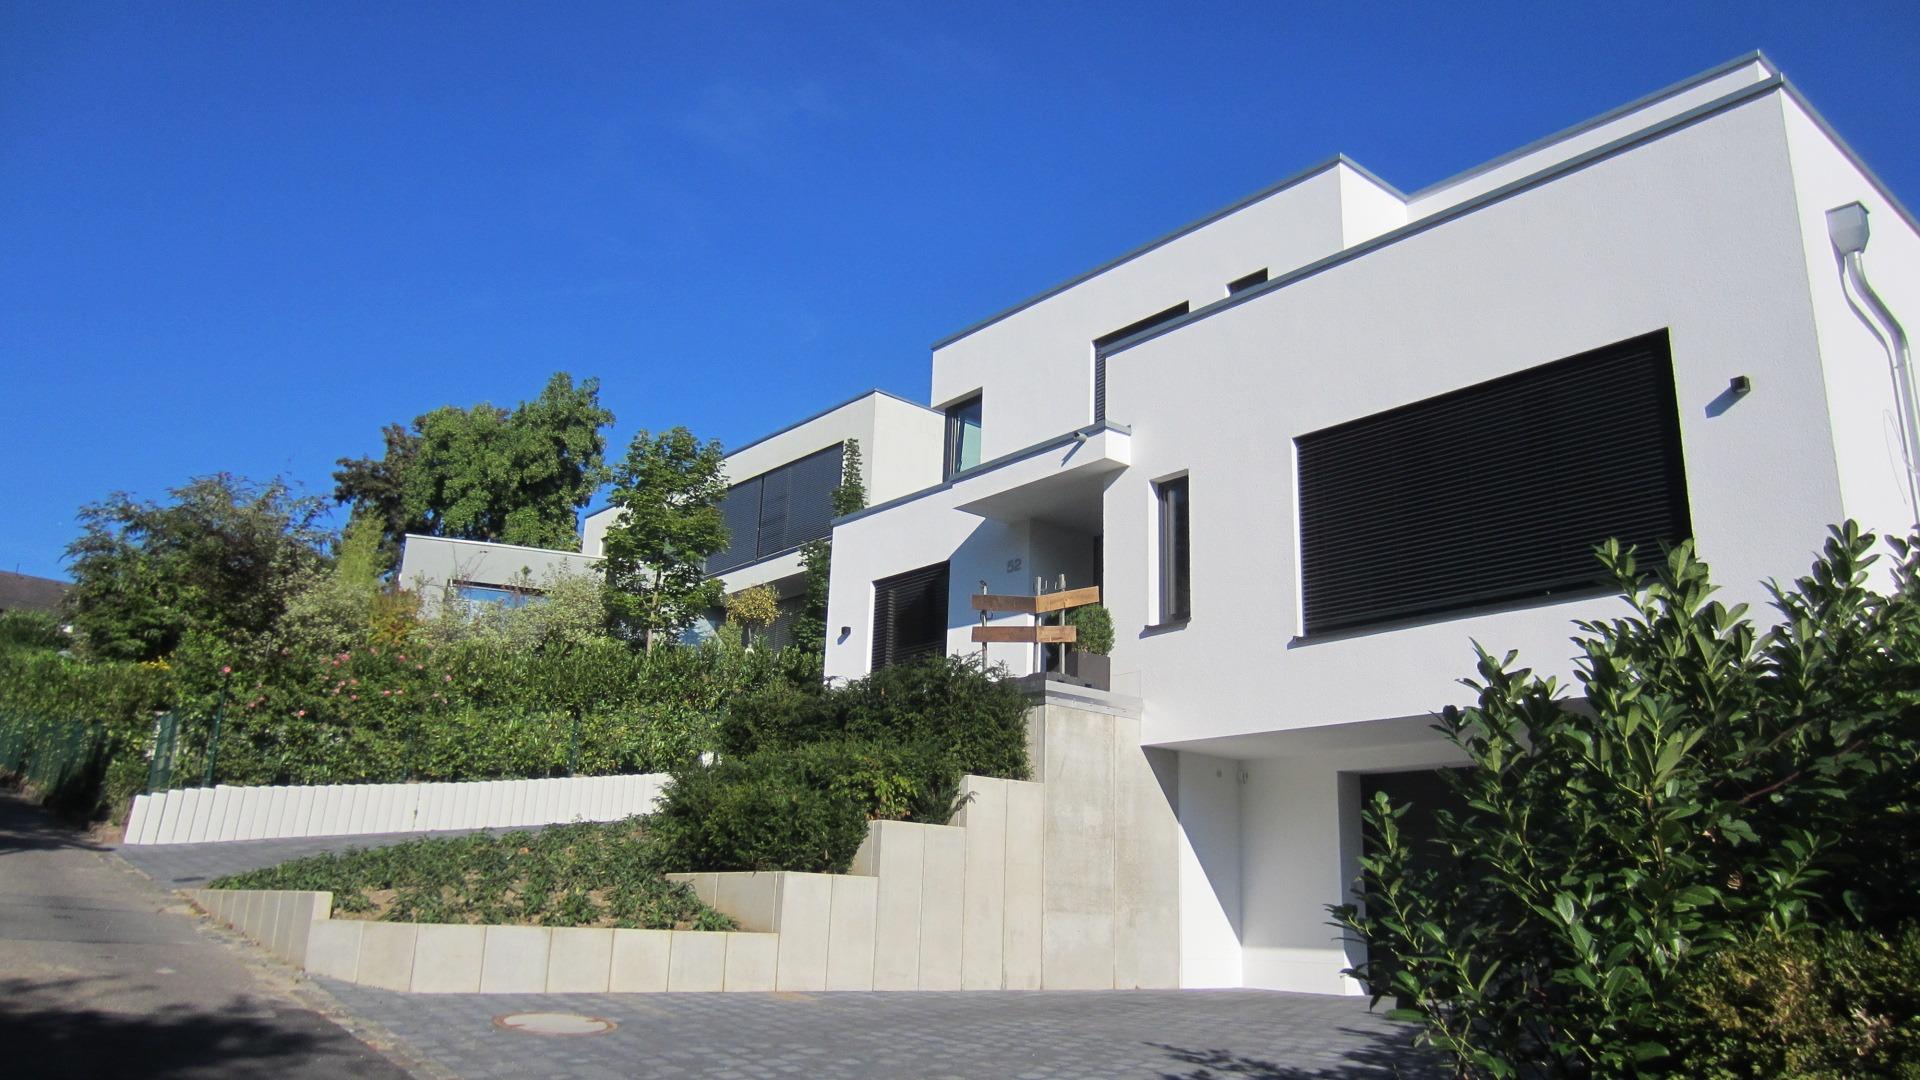 Architekturbüro Essen kirchner architekten architekturbüro in essen kettwig